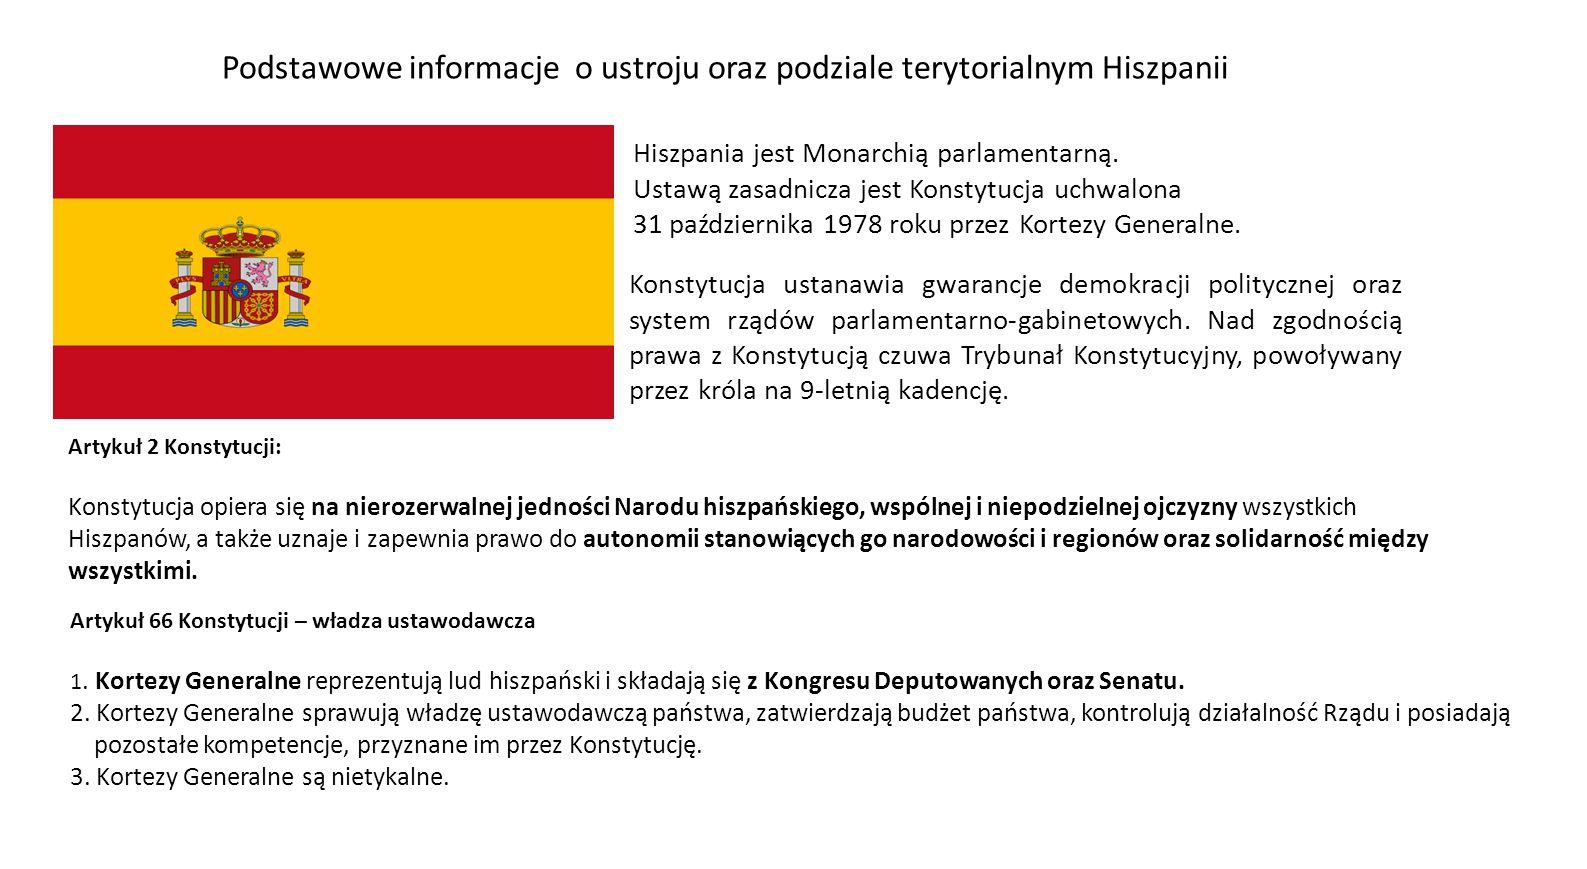 Podstawowe informacje o ustroju oraz podziale terytorialnym Hiszpanii